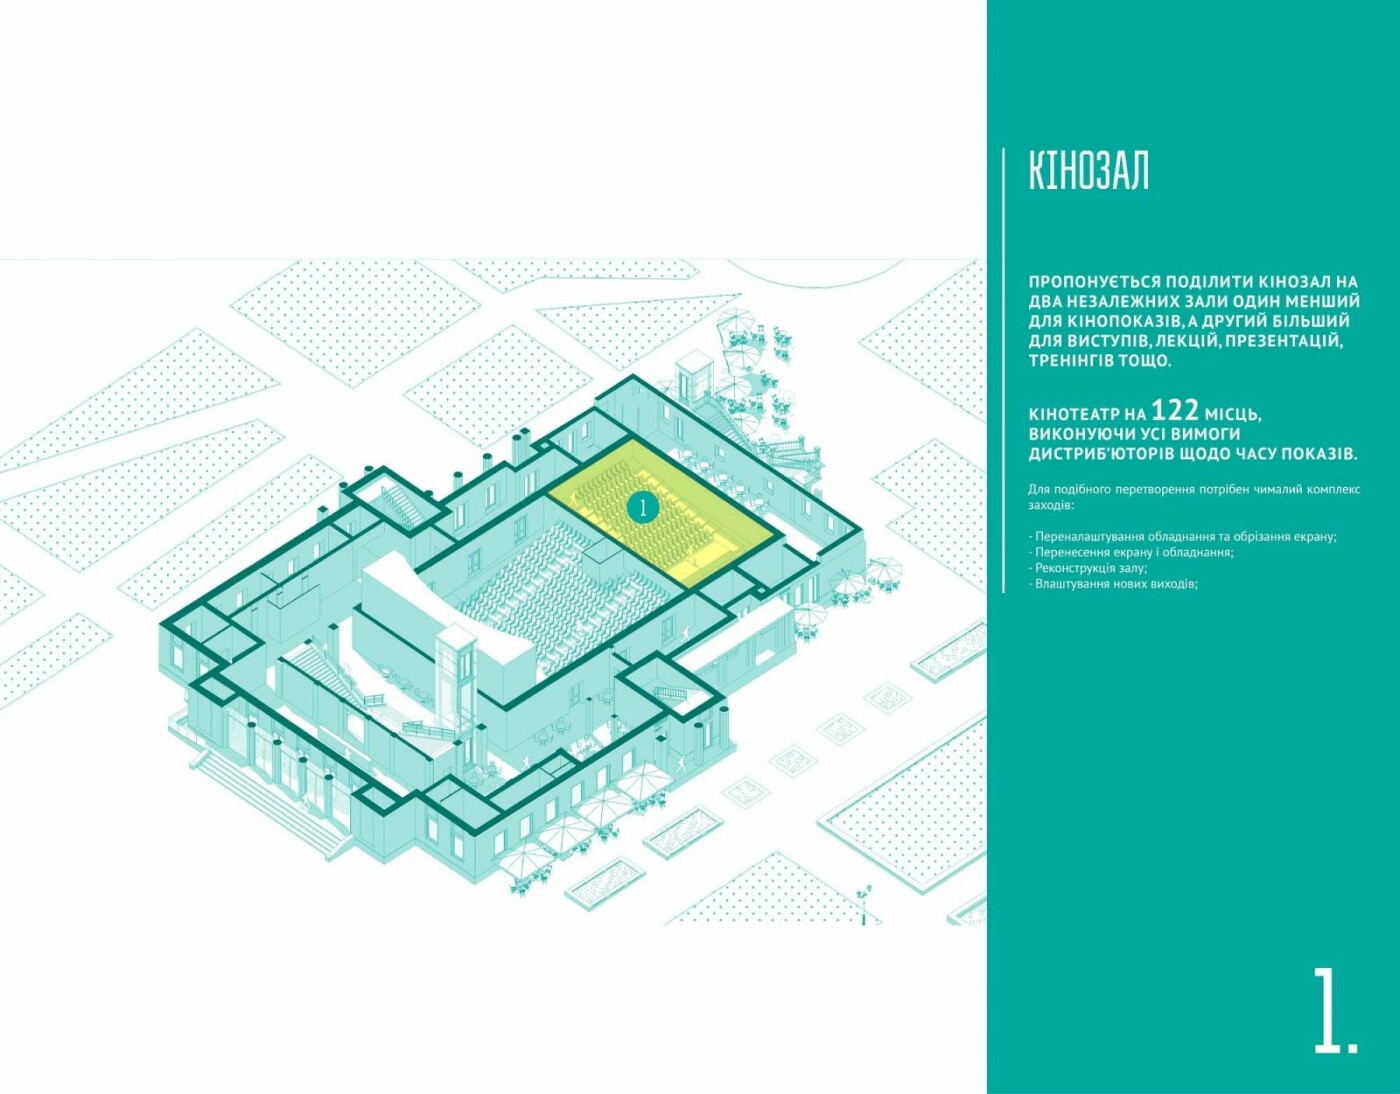 Концепція розвитку: яким буде кінотеатр Шевченка в майбутньому, фото-14